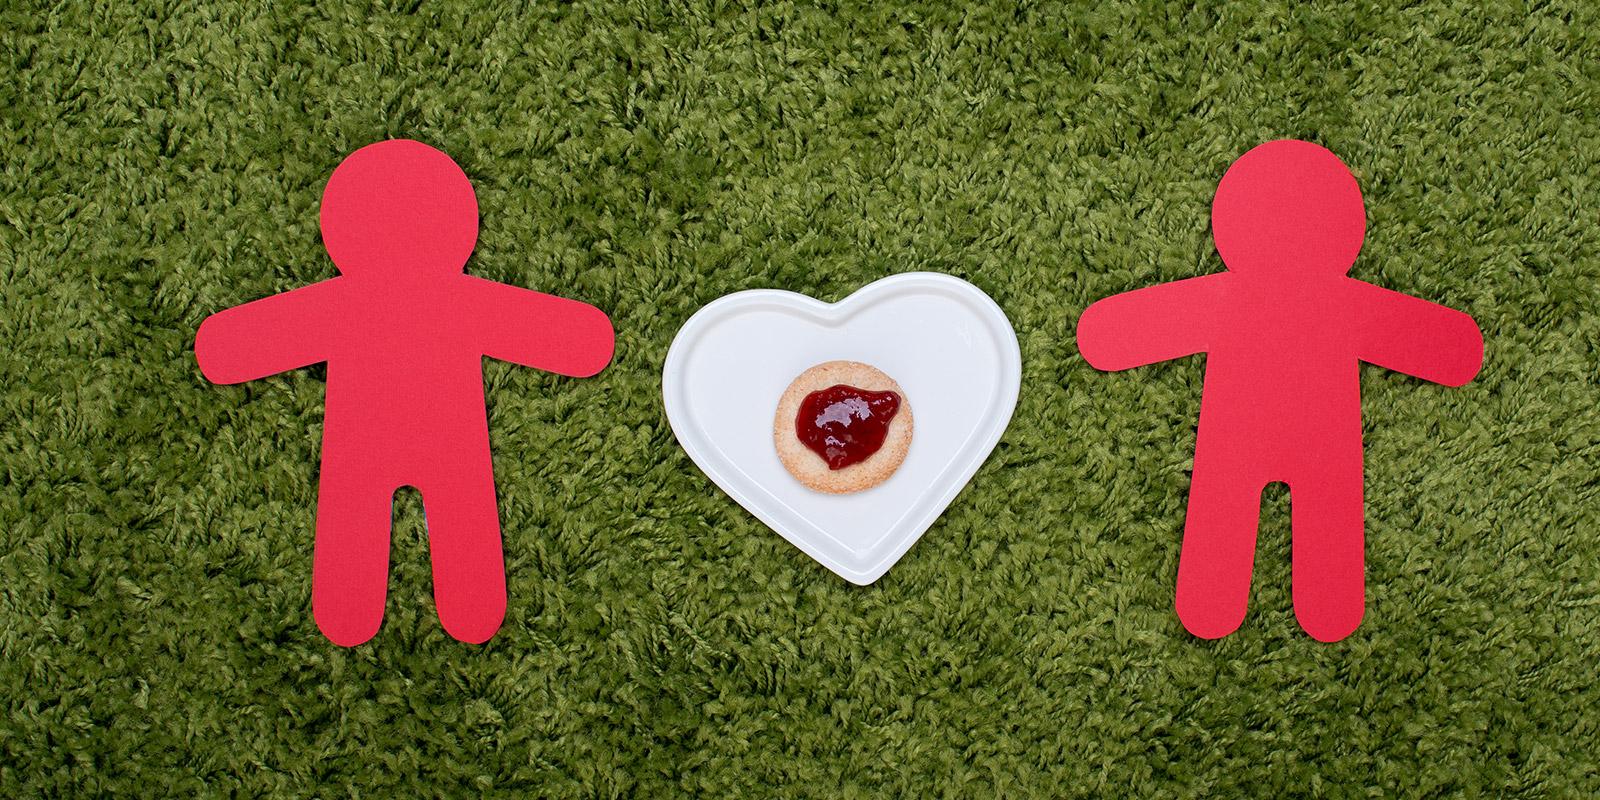 Corso di gruppo dal vivo – relazioni sane, relazioni che nutrono